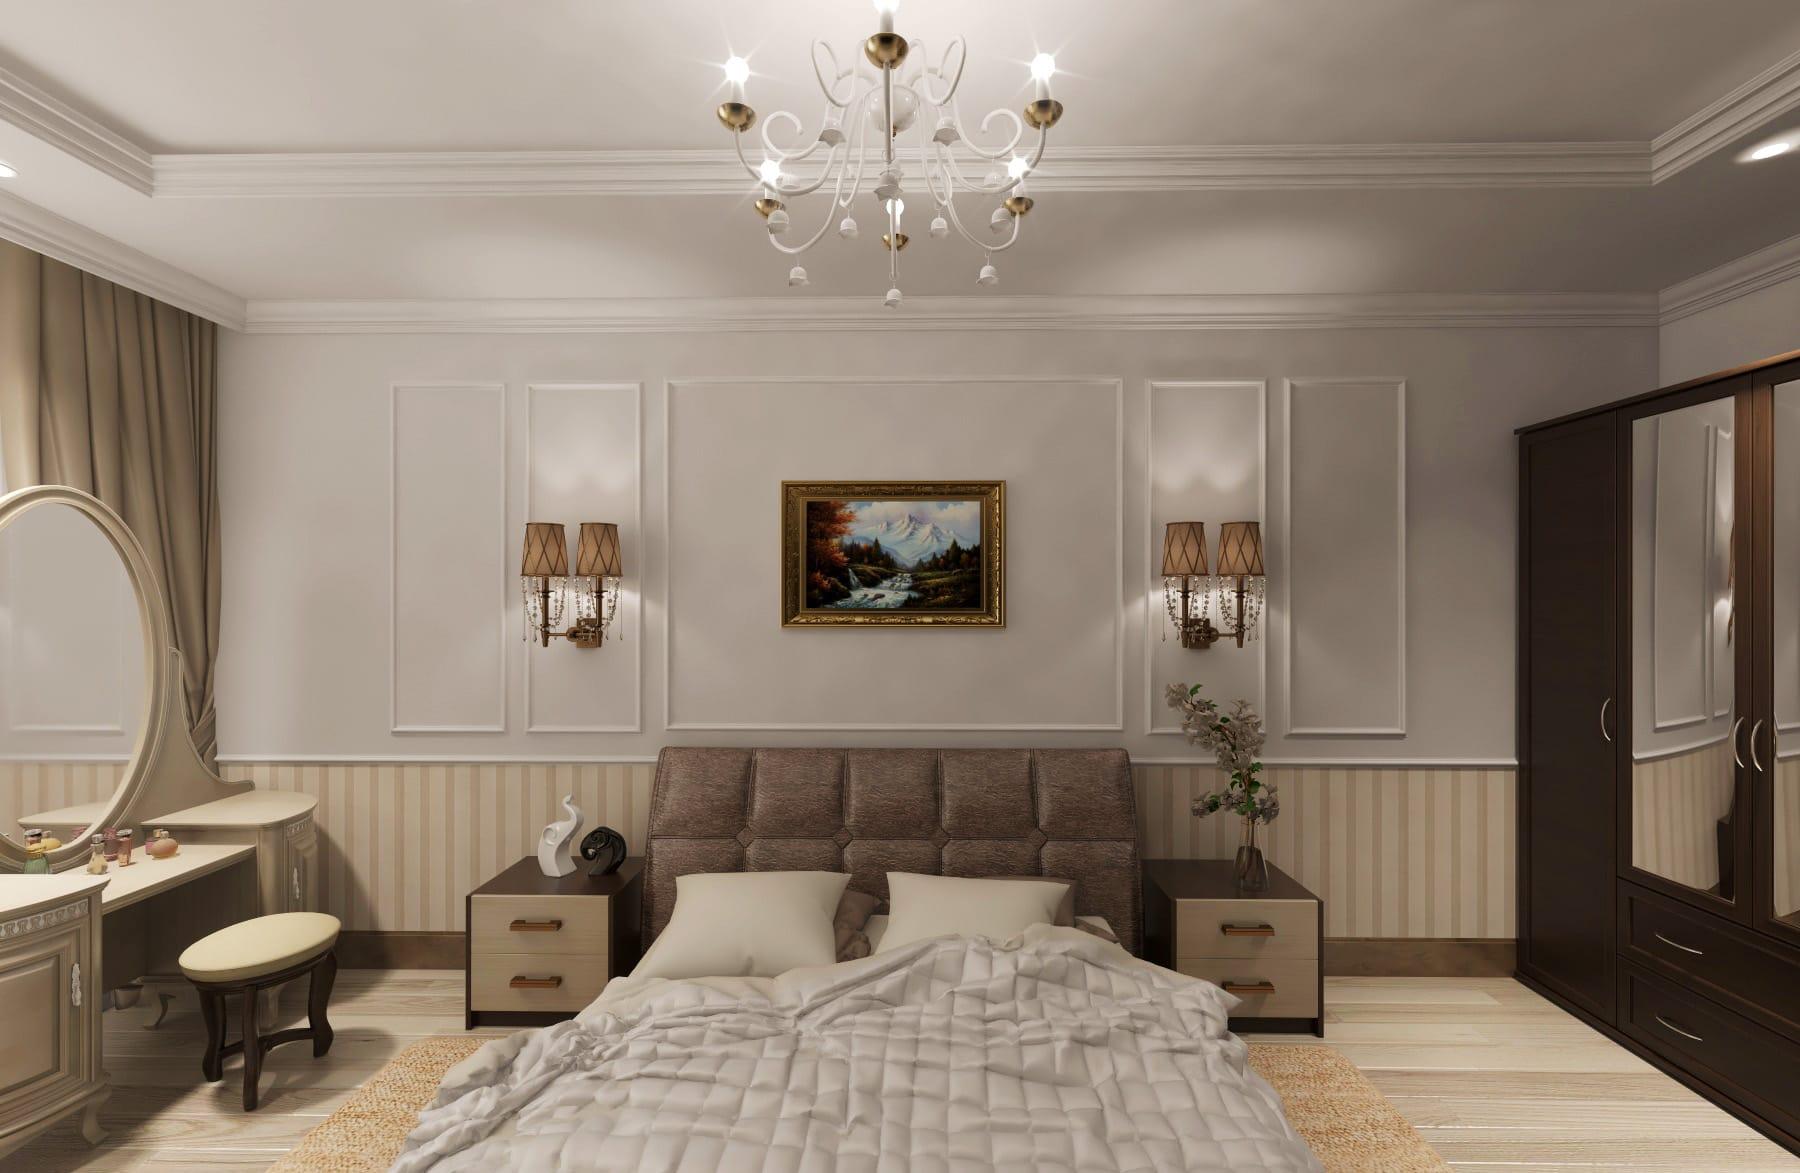 Дизайн интерьера квартиры в Ставрополе, спальня с картами на стенах бра посреди карт, кровать с кожаной спинкой